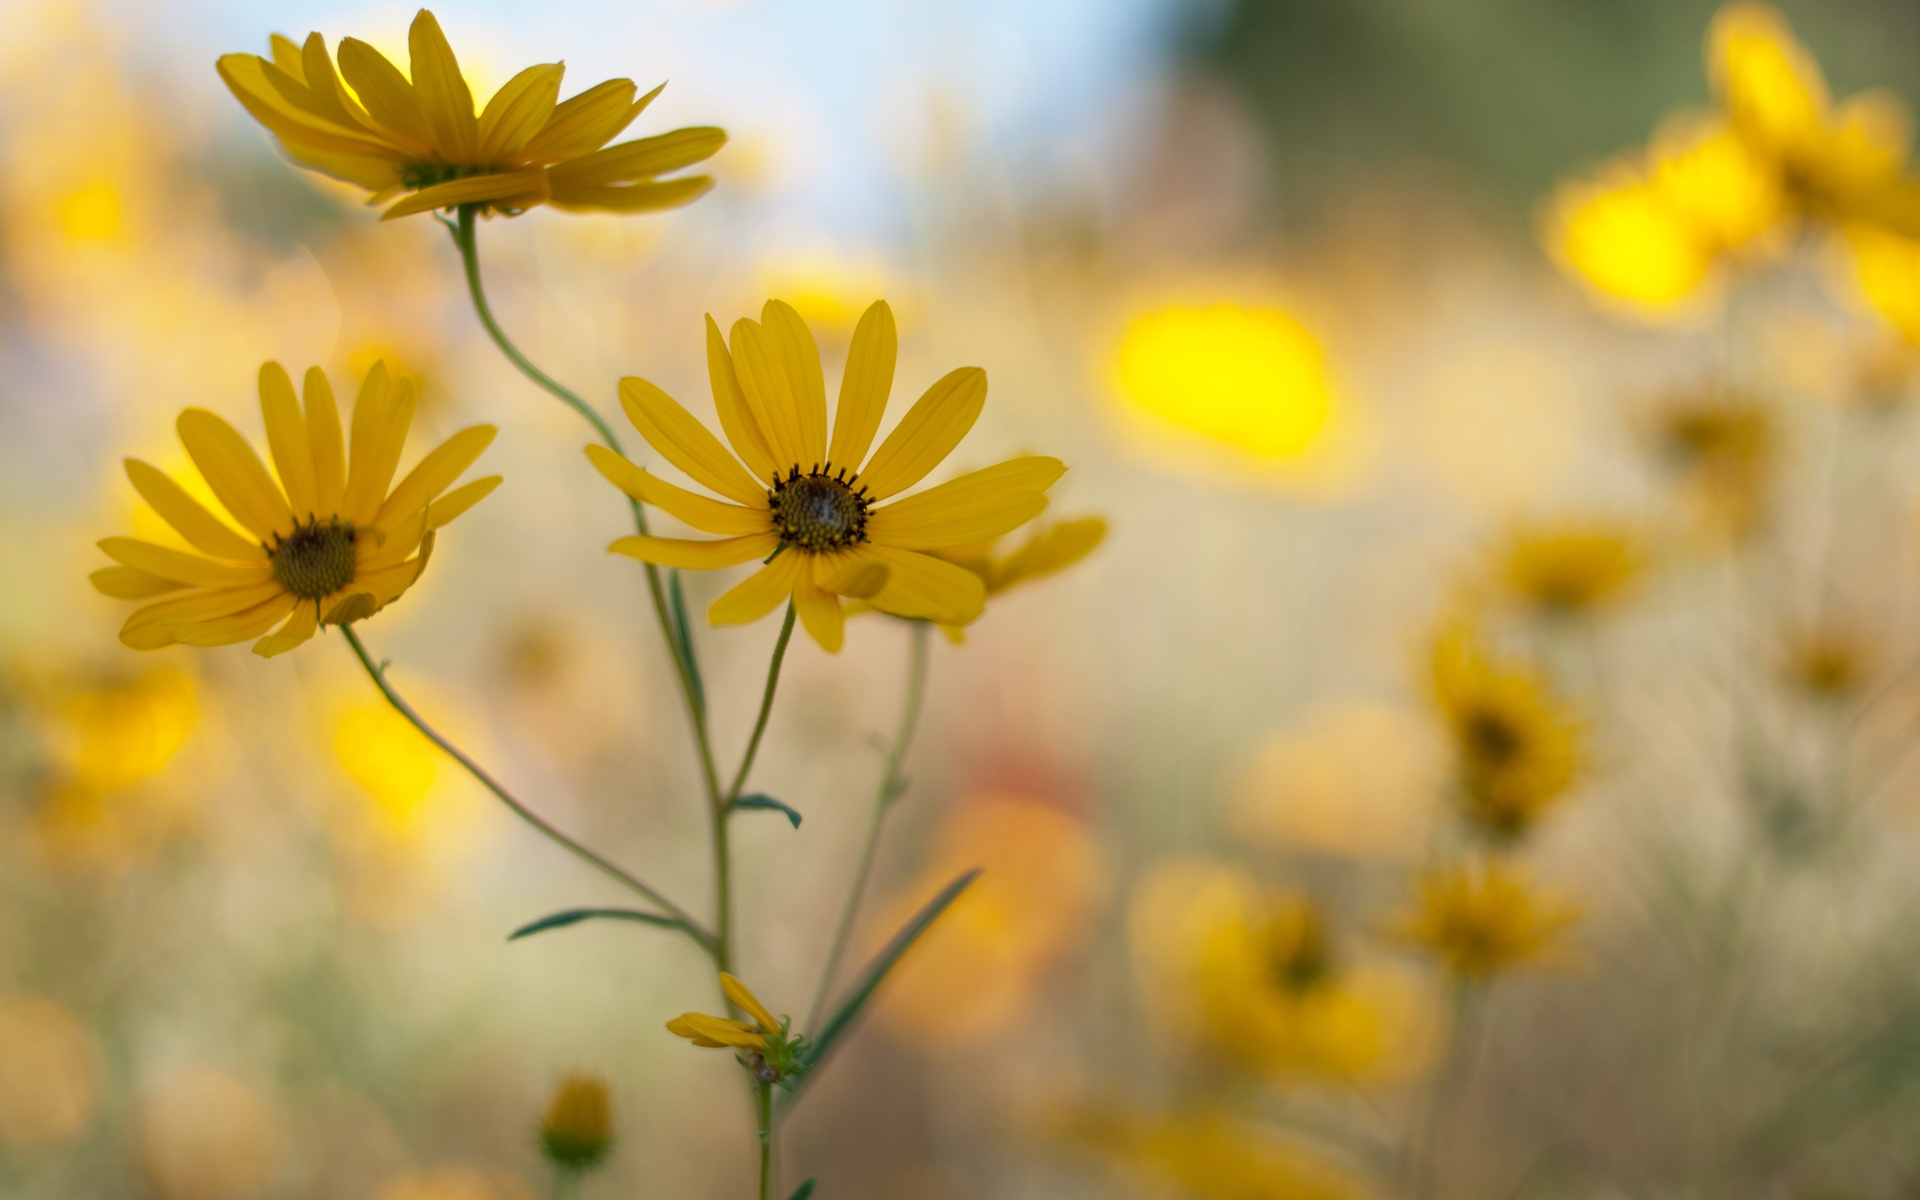 wildflower 37103 1920x1200 px